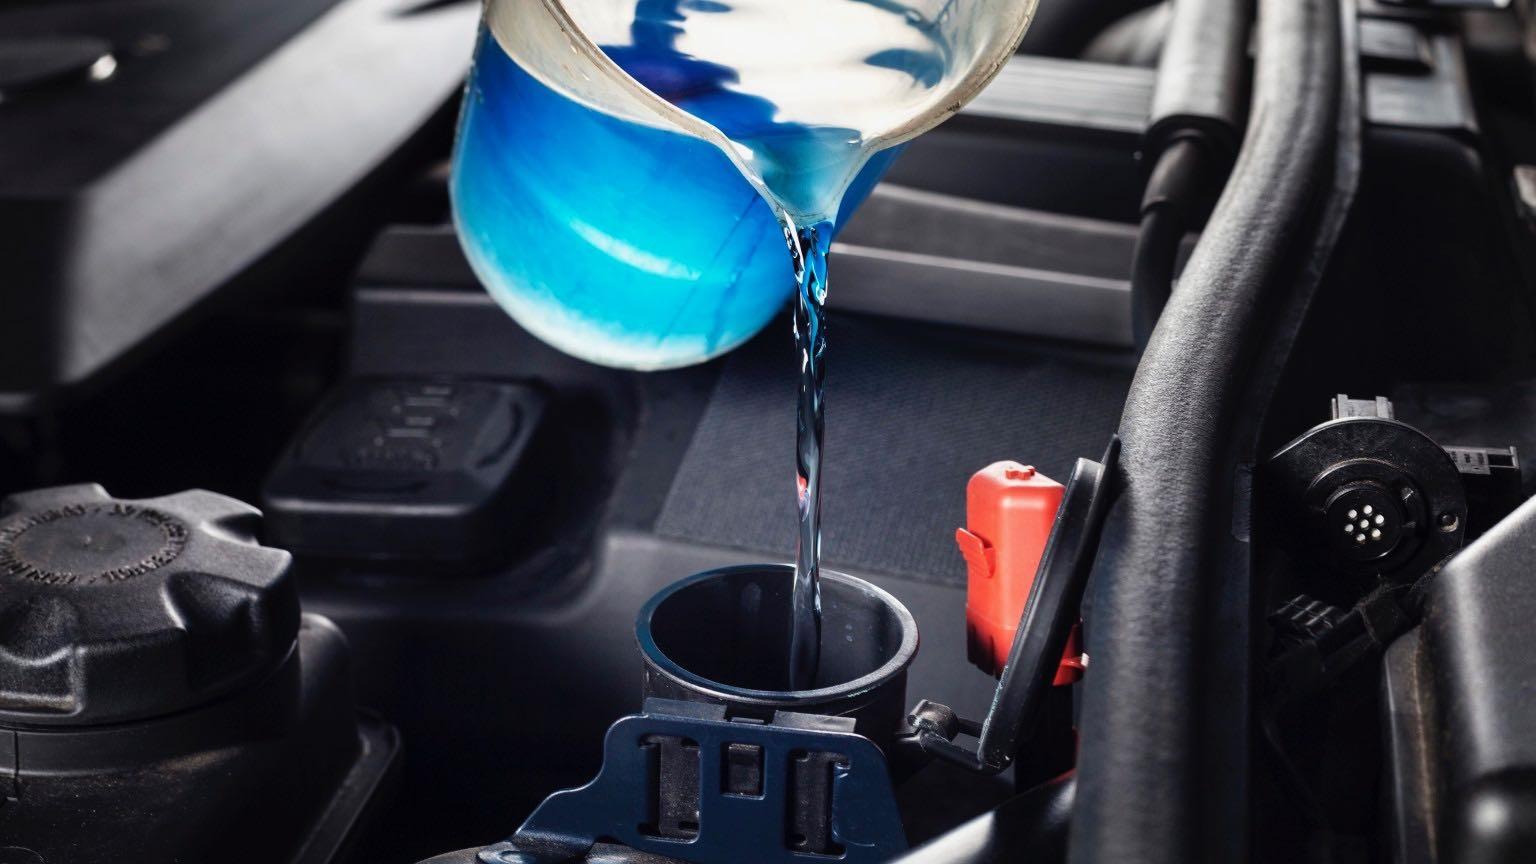 Замена охлаждающей жидкости для серии Z1 BMW